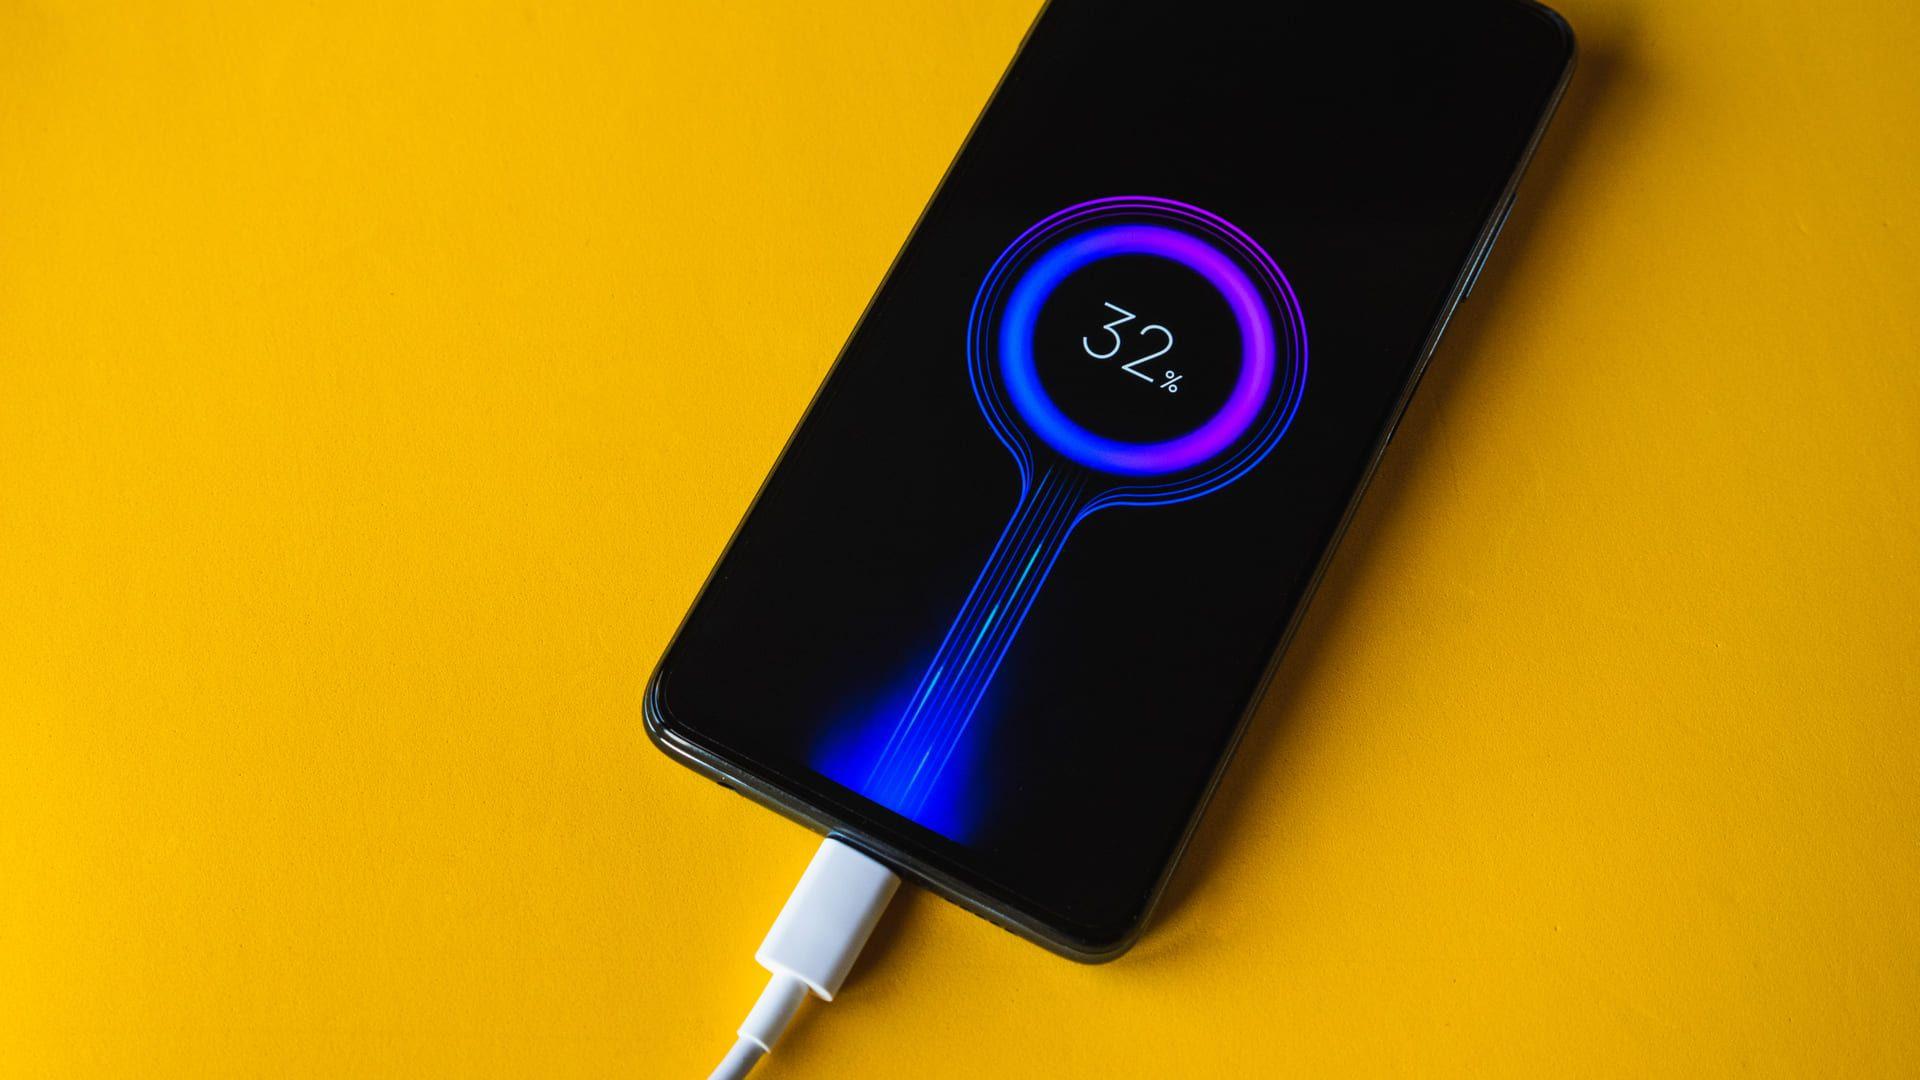 Ao todo são 5.160 mAh de capacidade de bateria para o Poco X3 (Foto: Shutterstock)